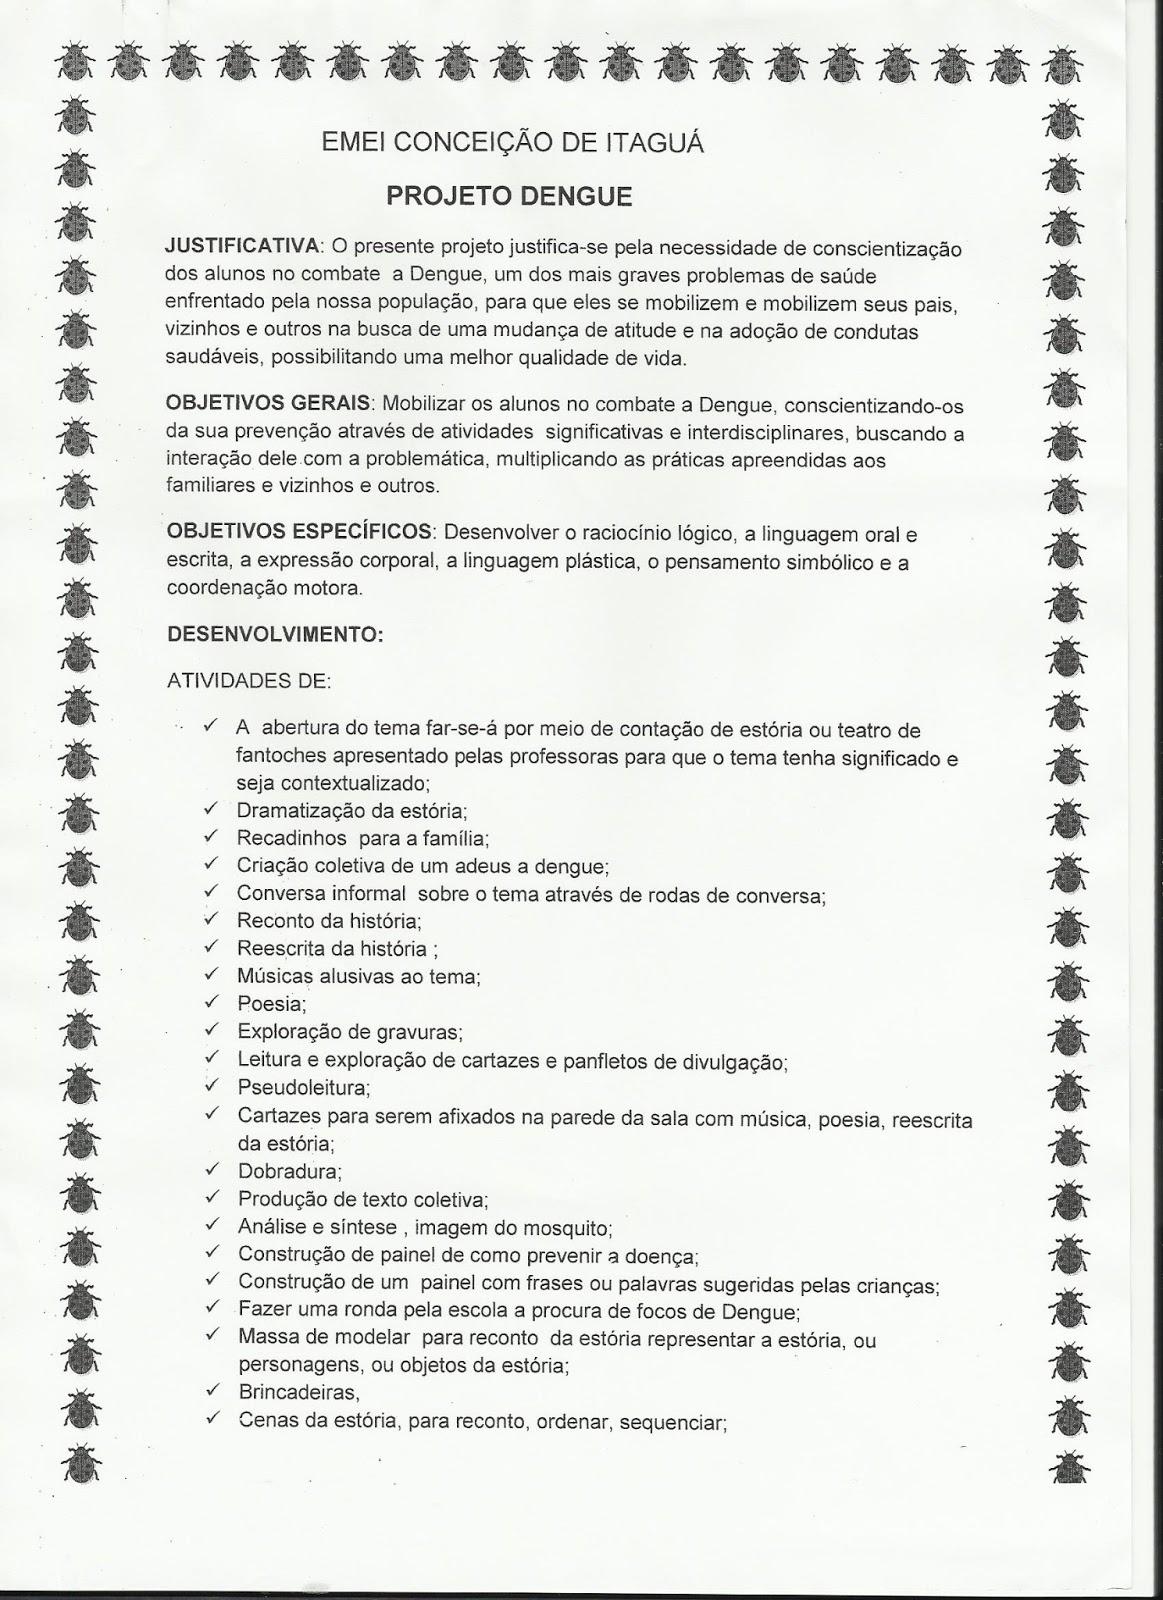 Conhecido Profª: Ivani Ferreira: Projeto Dengue para educação infantil BF71